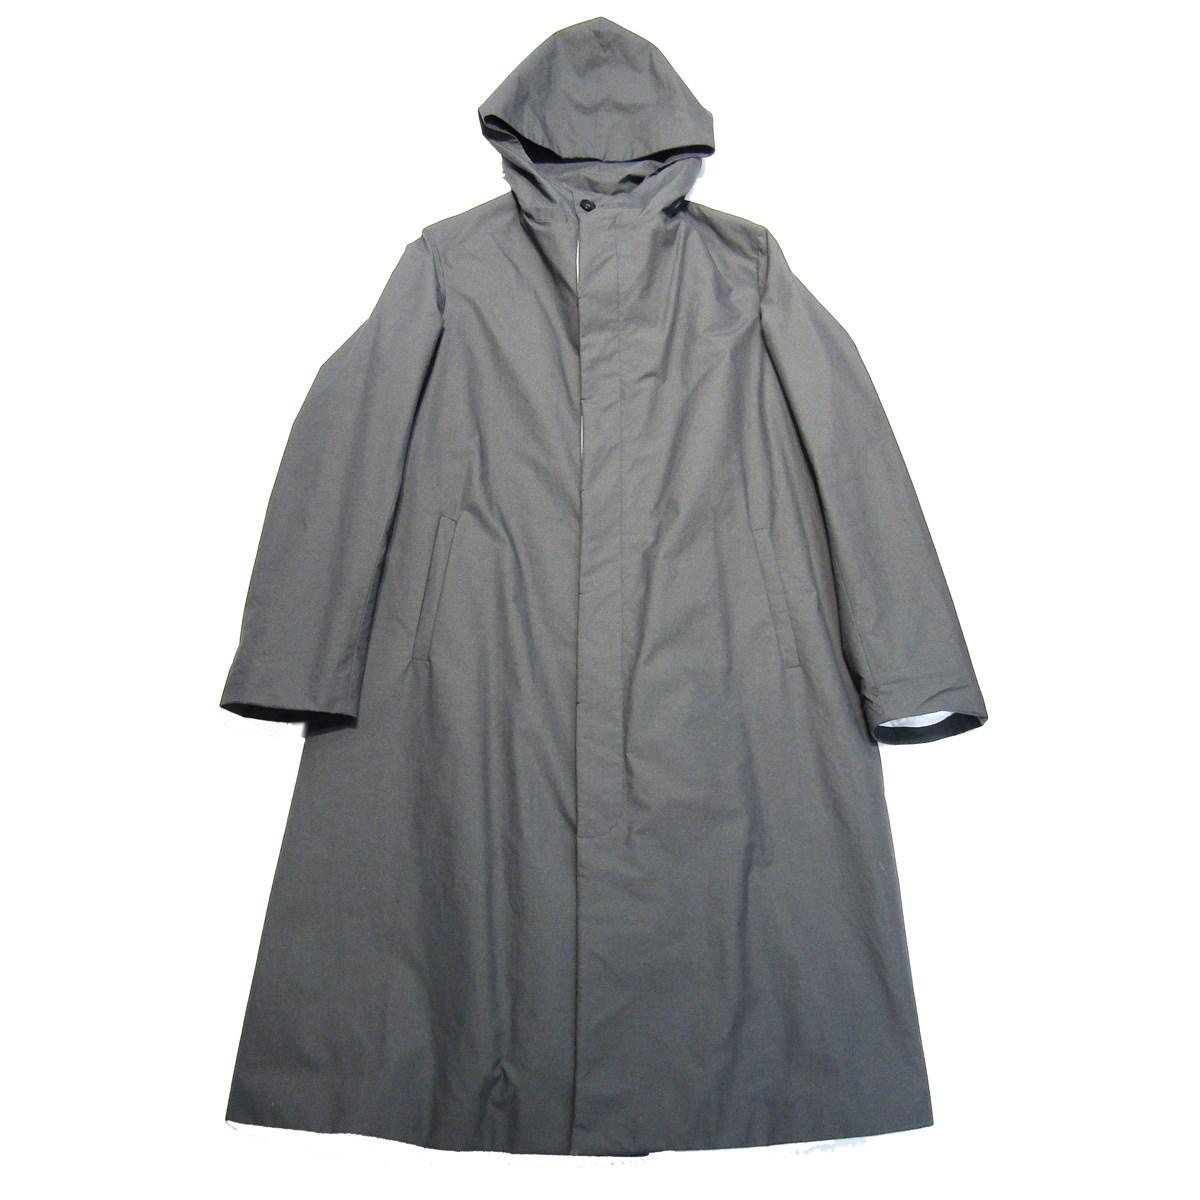 【中古】Bergfabelフード付ロングコート グレー サイズ:48 【7月6日見直し】